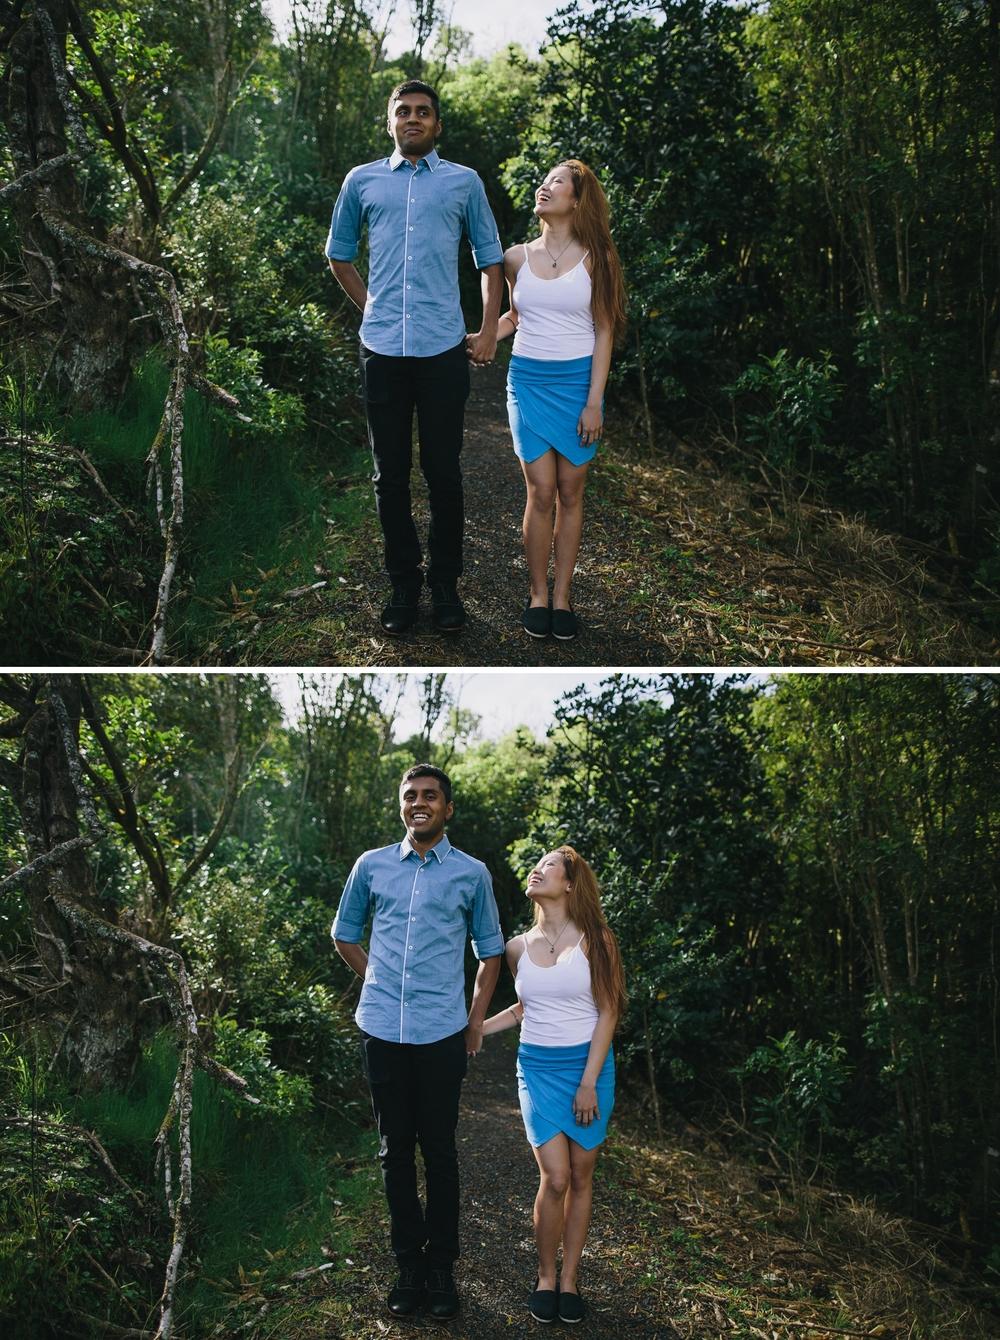 Richard and Mika - Patty Lagera Photography